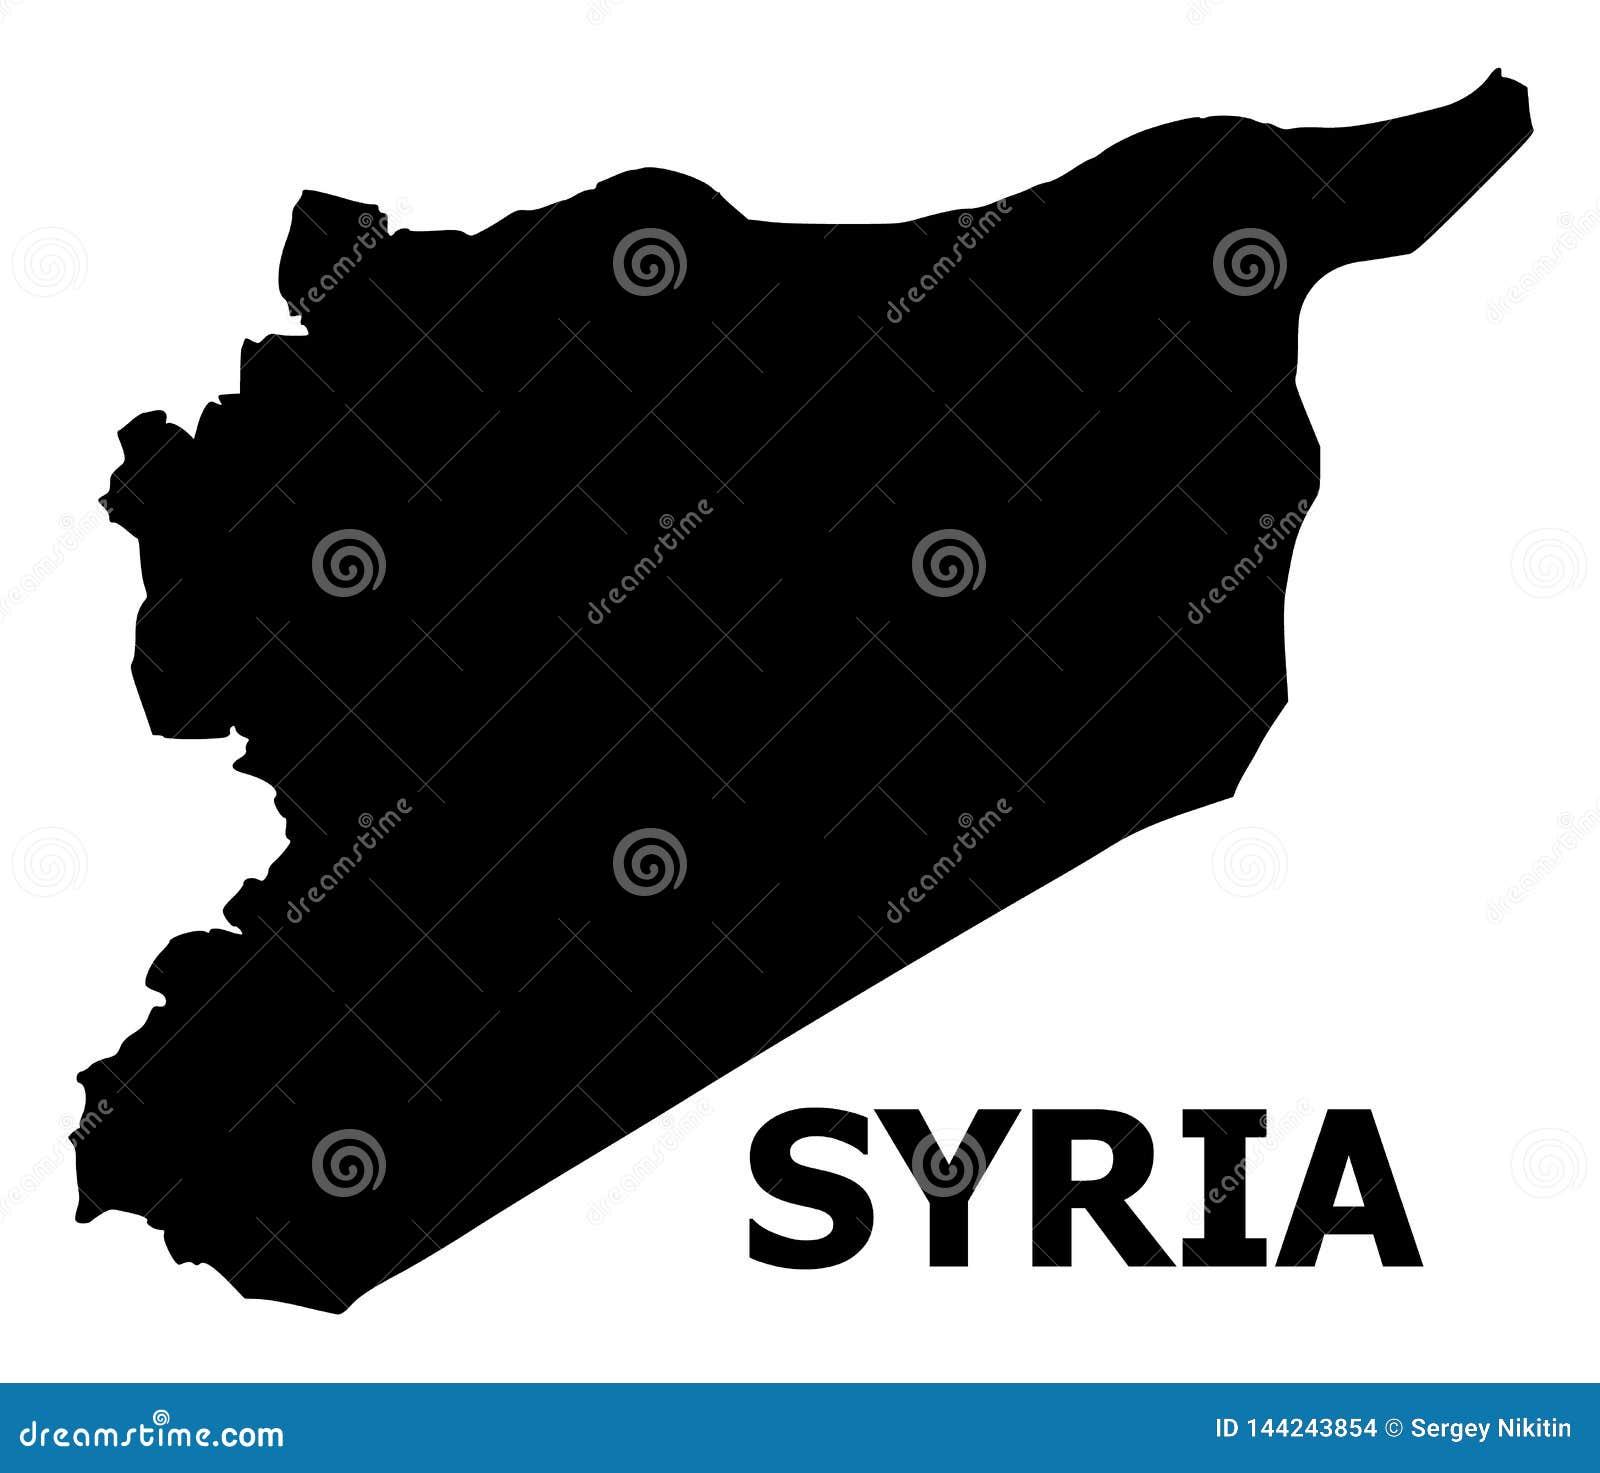 Διανυσματικός επίπεδος χάρτης της Συρίας με το όνομα